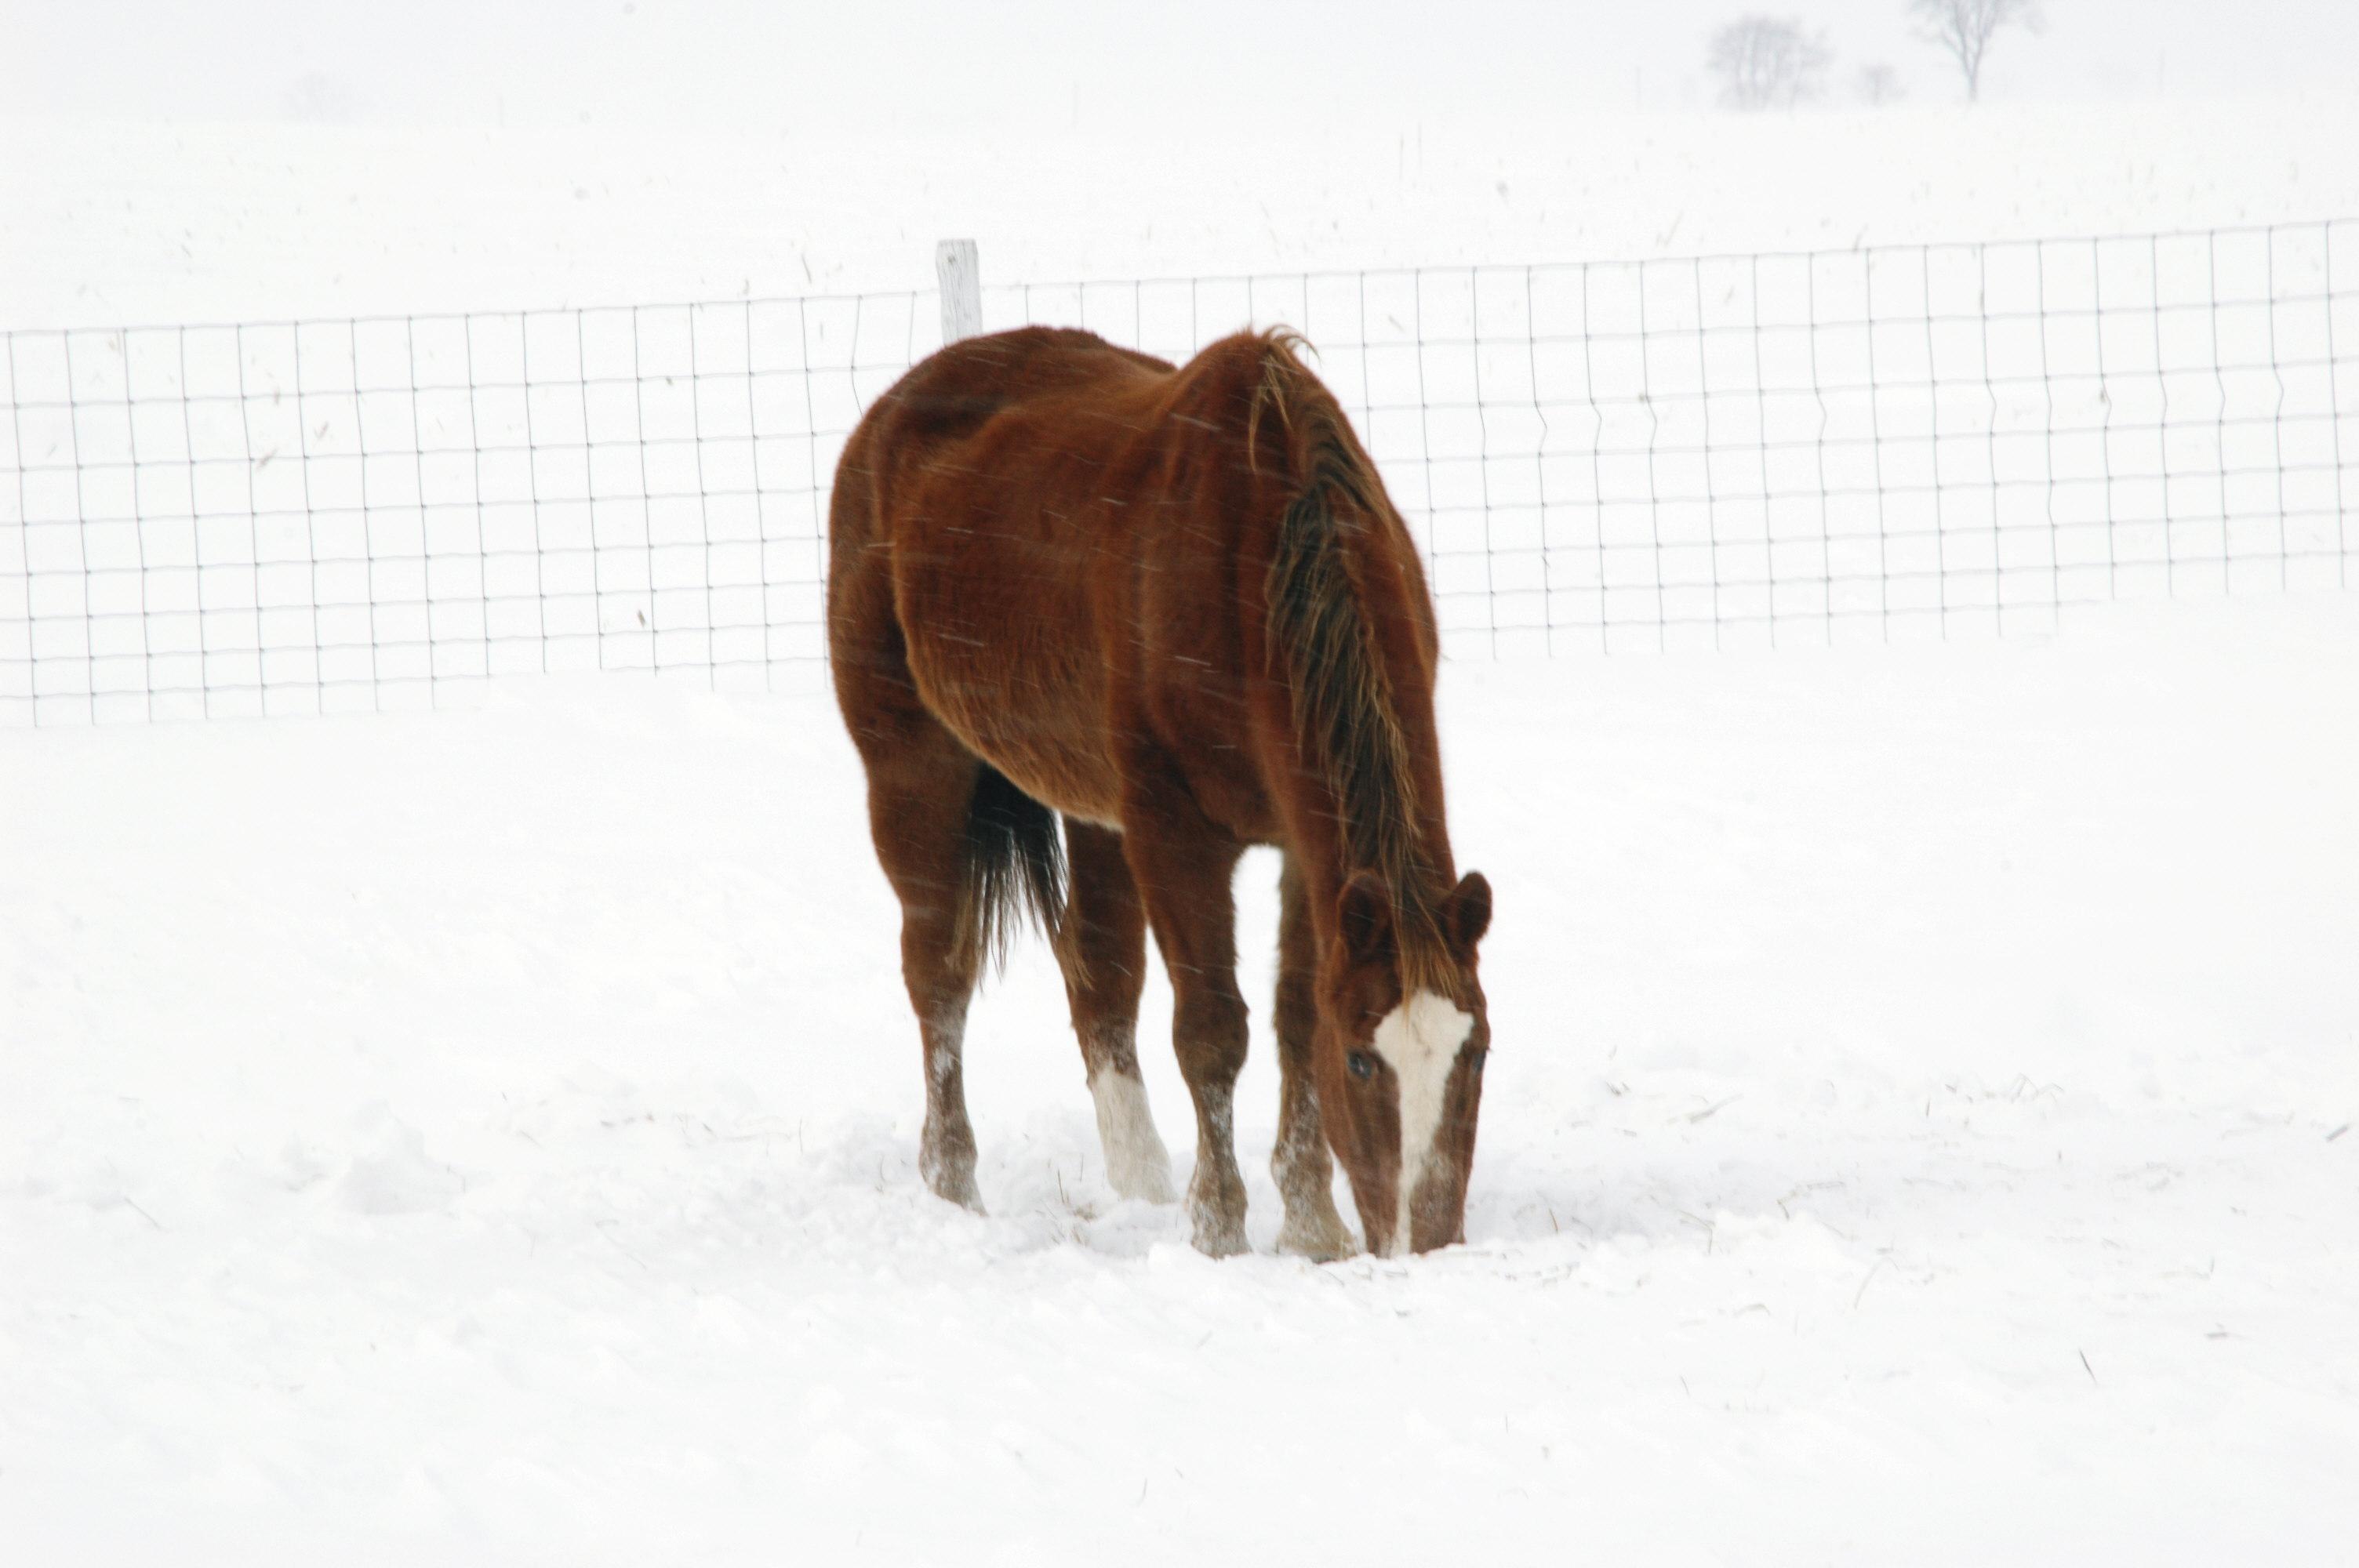 Doug Stener: Wisconsin Mustang